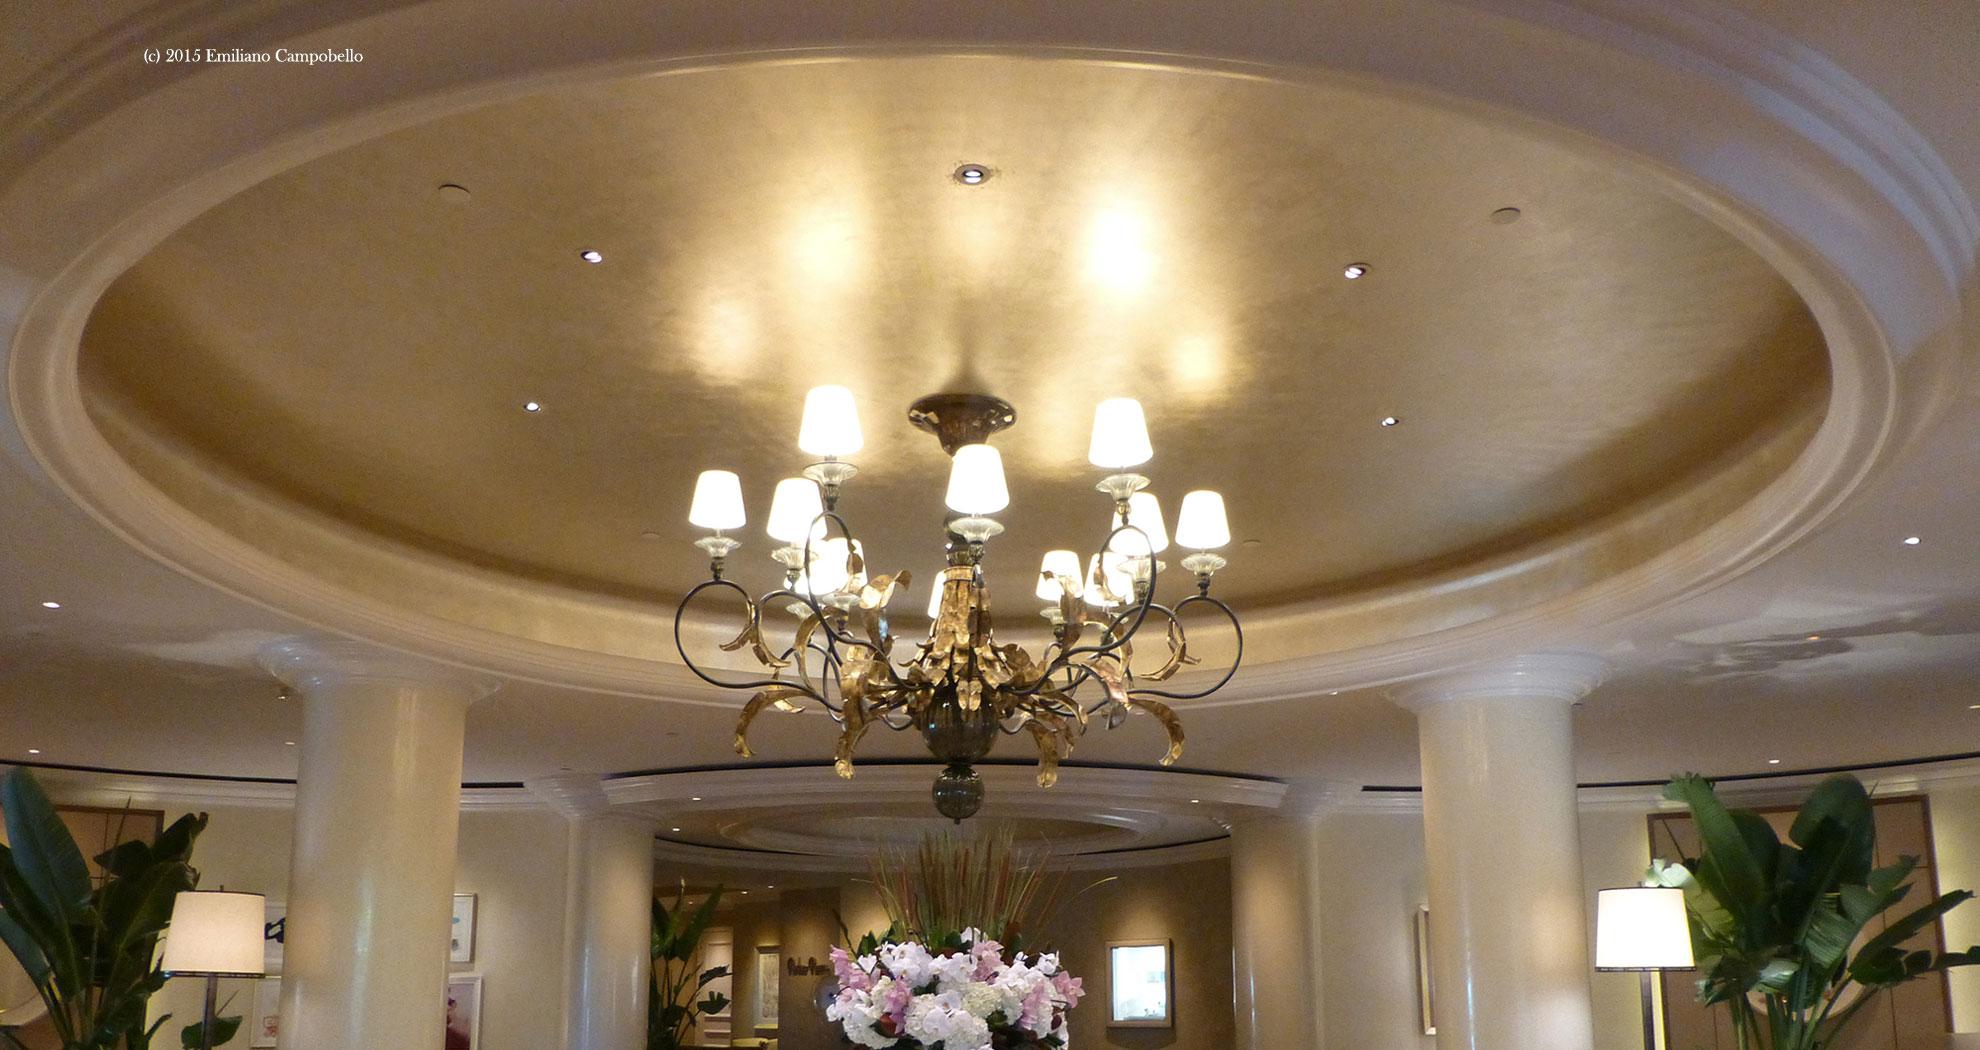 Beverly Hills Hotel Lobby Dome Emiliano Campobello